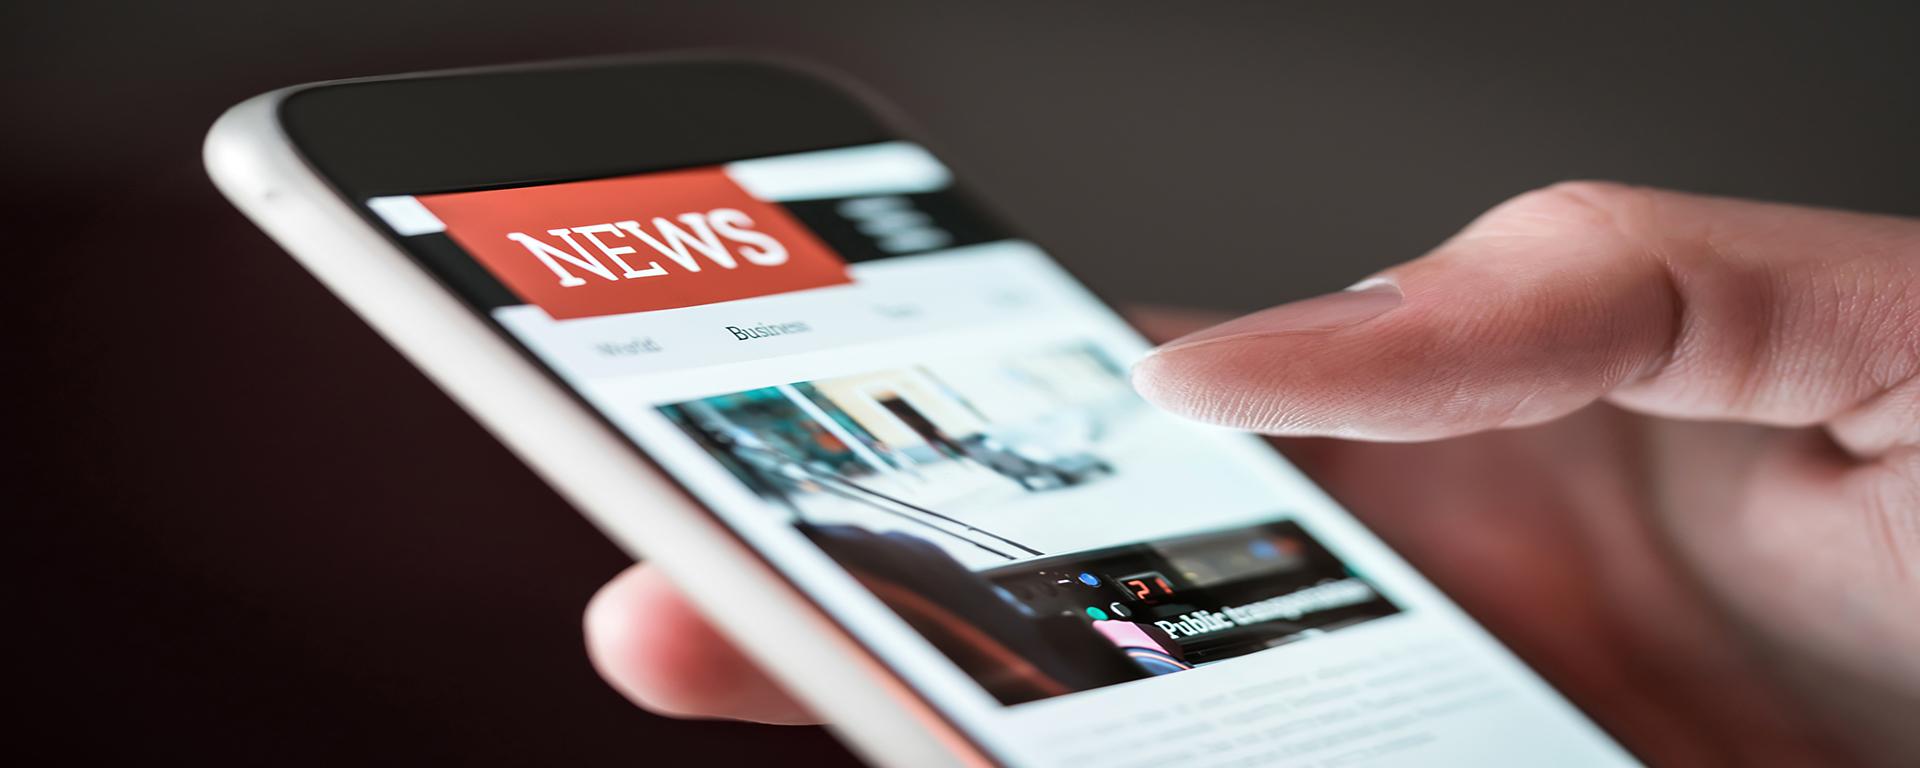 横幅图案:拿着智能手机的手。 智能手机屏幕显示新闻应用程序网站。